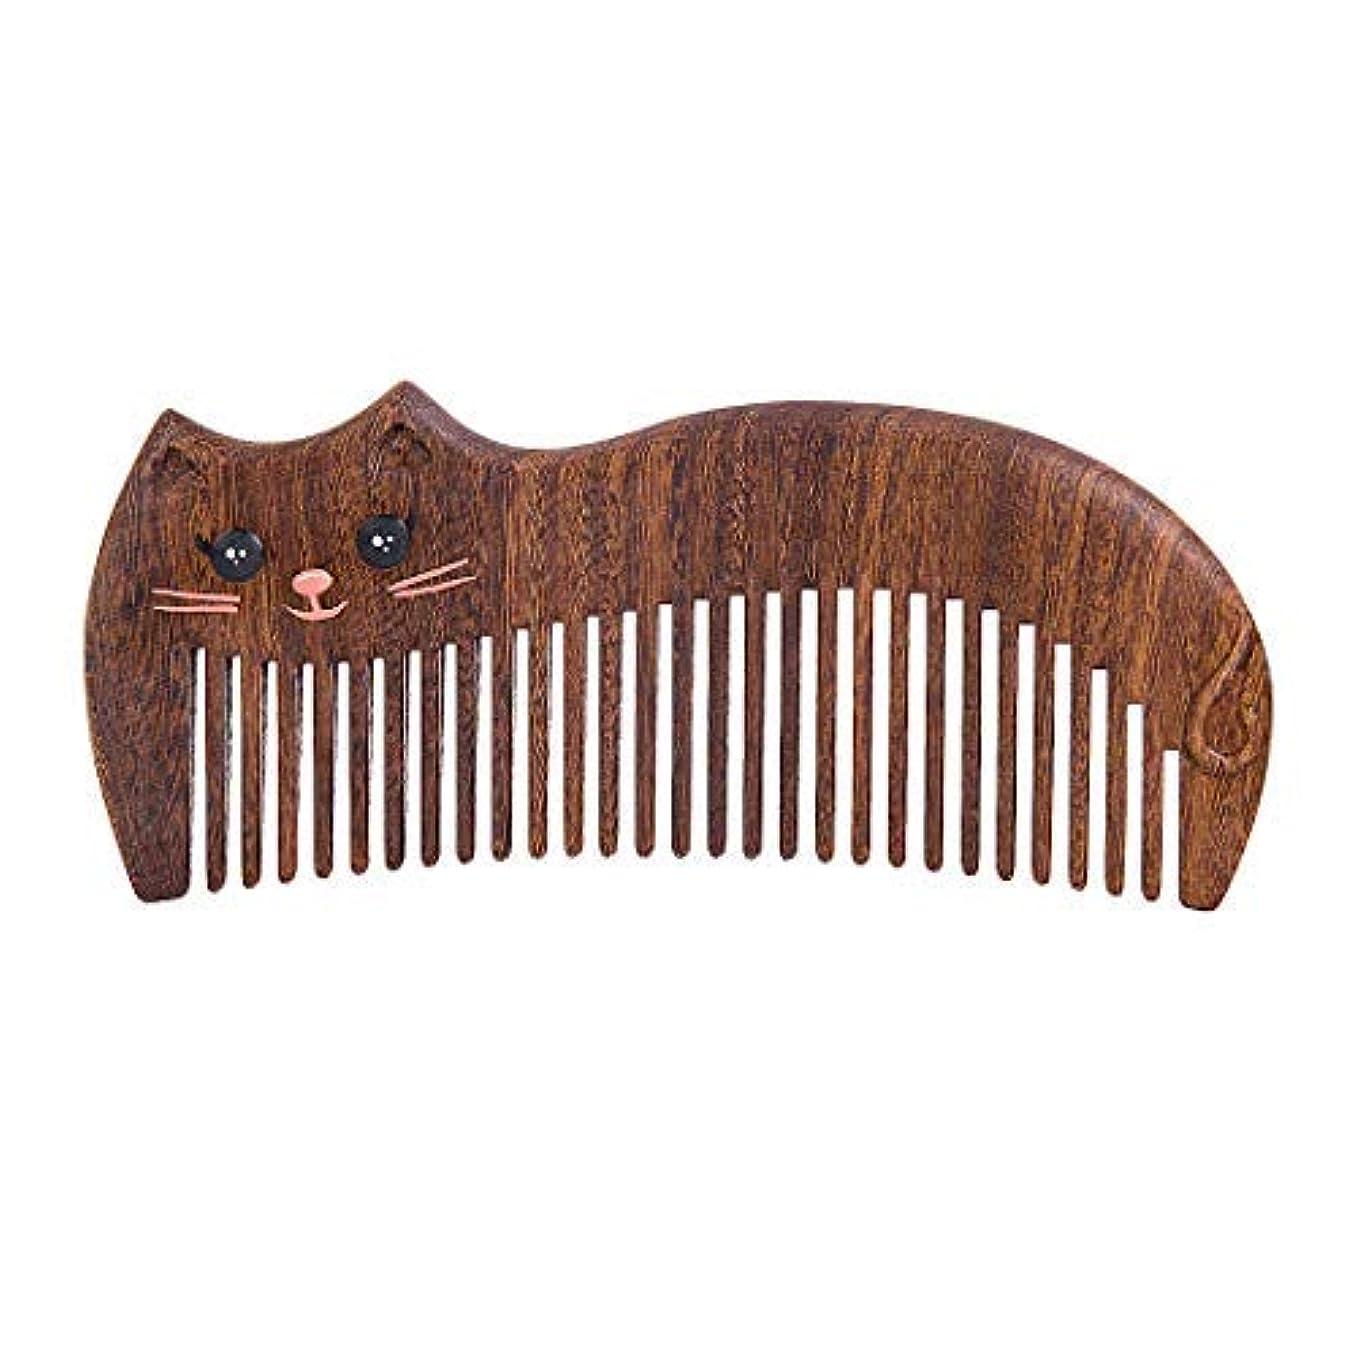 瞳マダムダイアクリティカルAnti-Static Wood Shaped Kitty Cat Comb [並行輸入品]